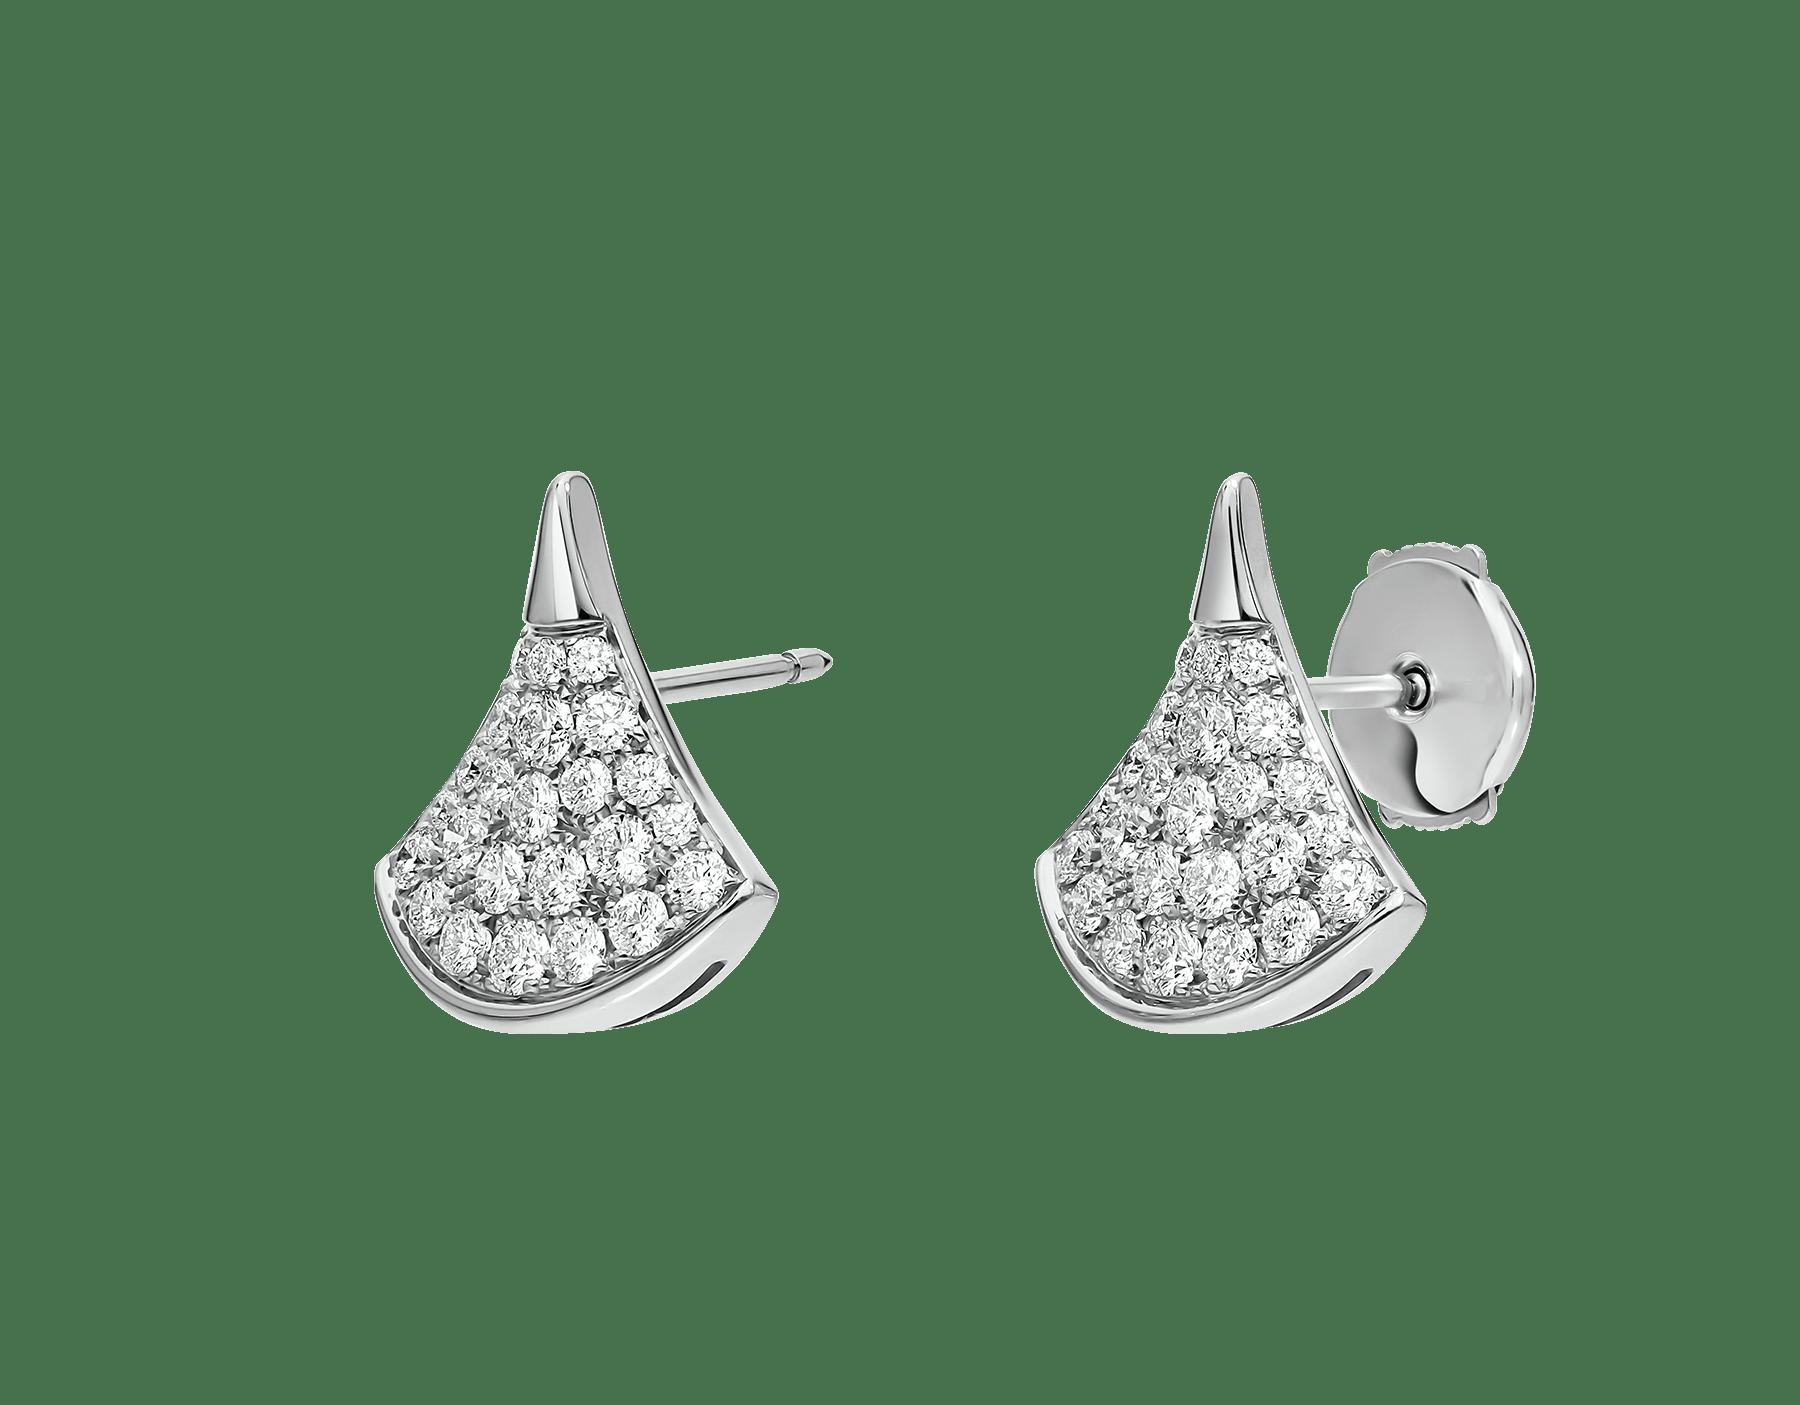 우아한 디자인 속에 담긴 순수함과 파베 다이아몬드와 화이트 골드의 시간을 뛰어넘는 클래식한 매력으로 찬란하게 빛나는 디바스 드림 이어링은 모든 디바가 간직한 격조 높은 우아함을 표현합니다. 352602 image 2